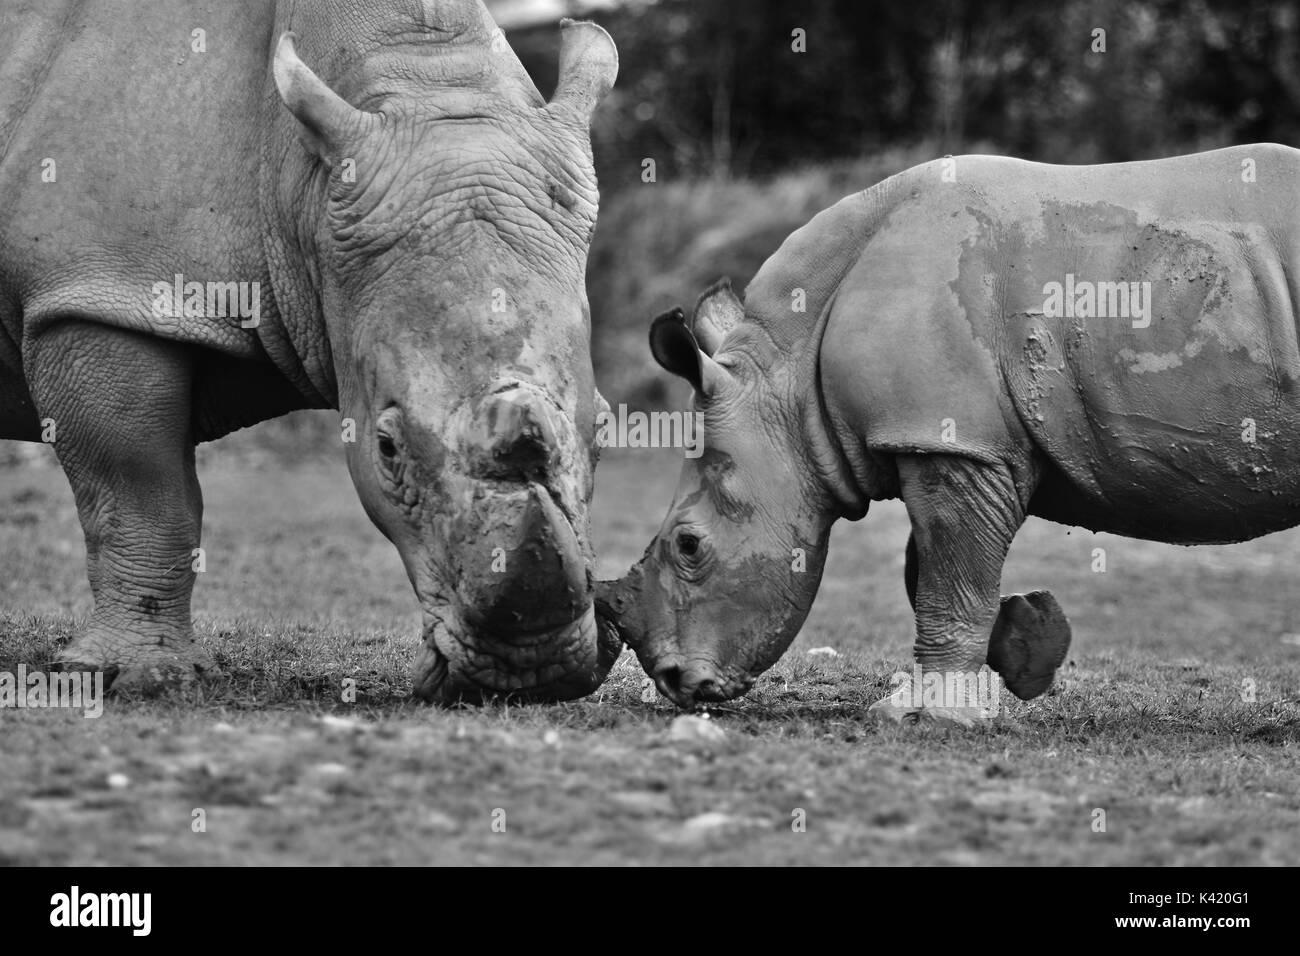 zoo animals - Stock Image